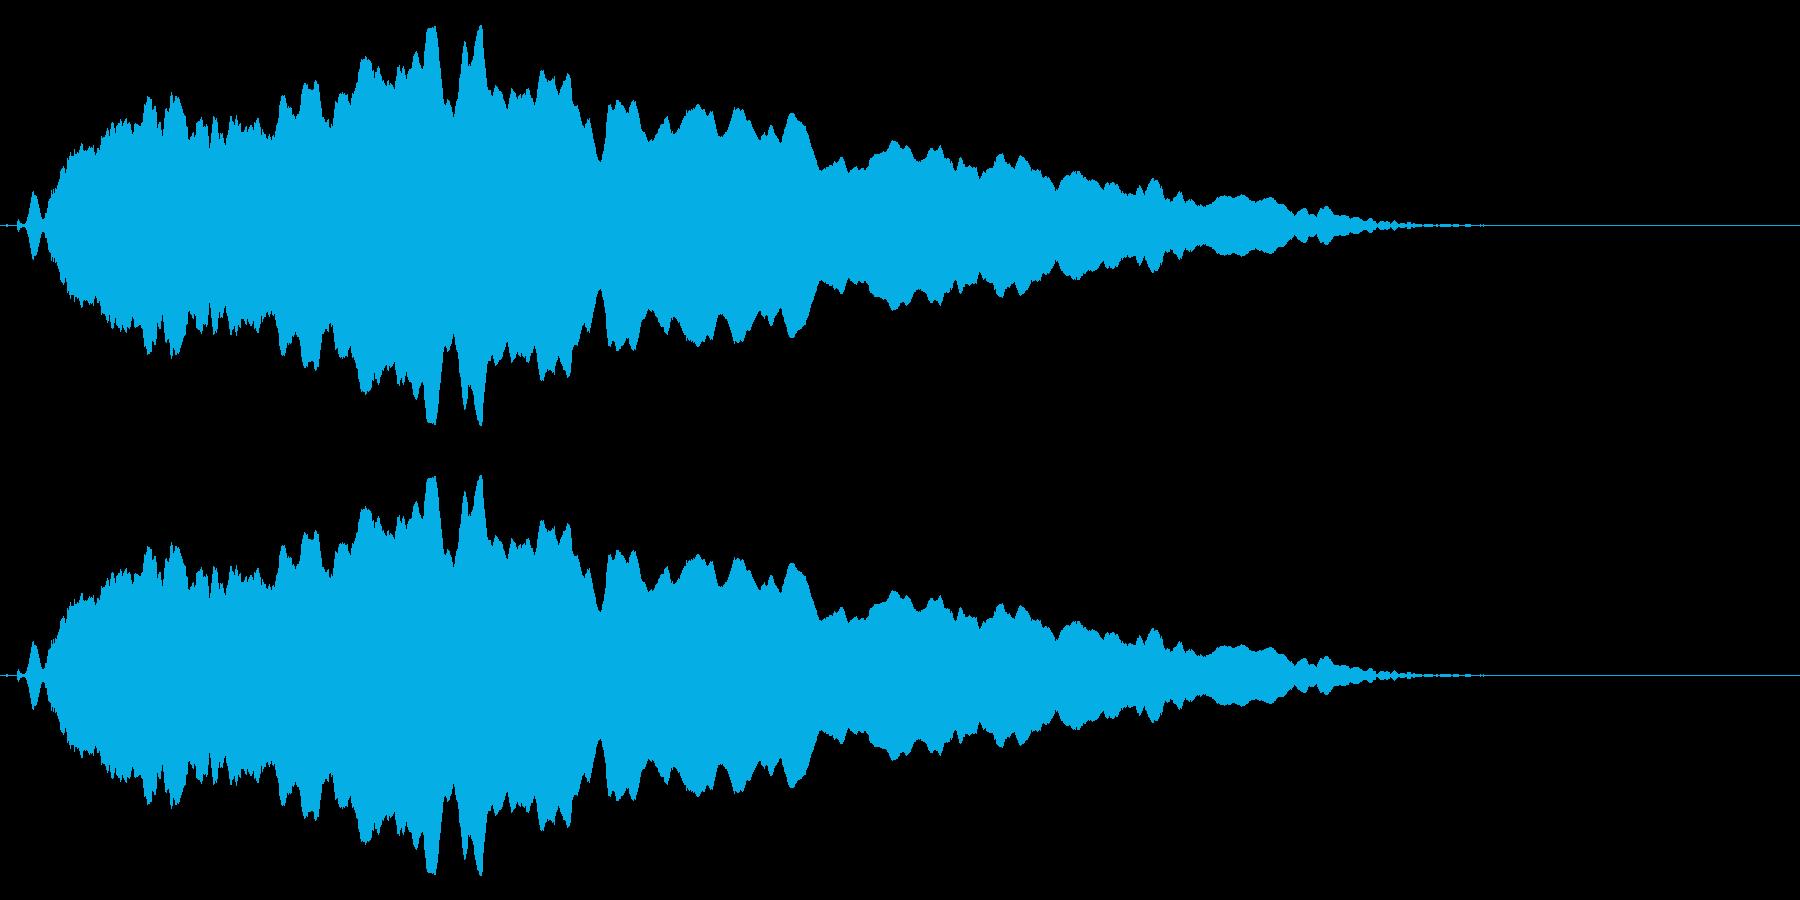 スライド笛/下降/ピューッ/カートゥーンの再生済みの波形